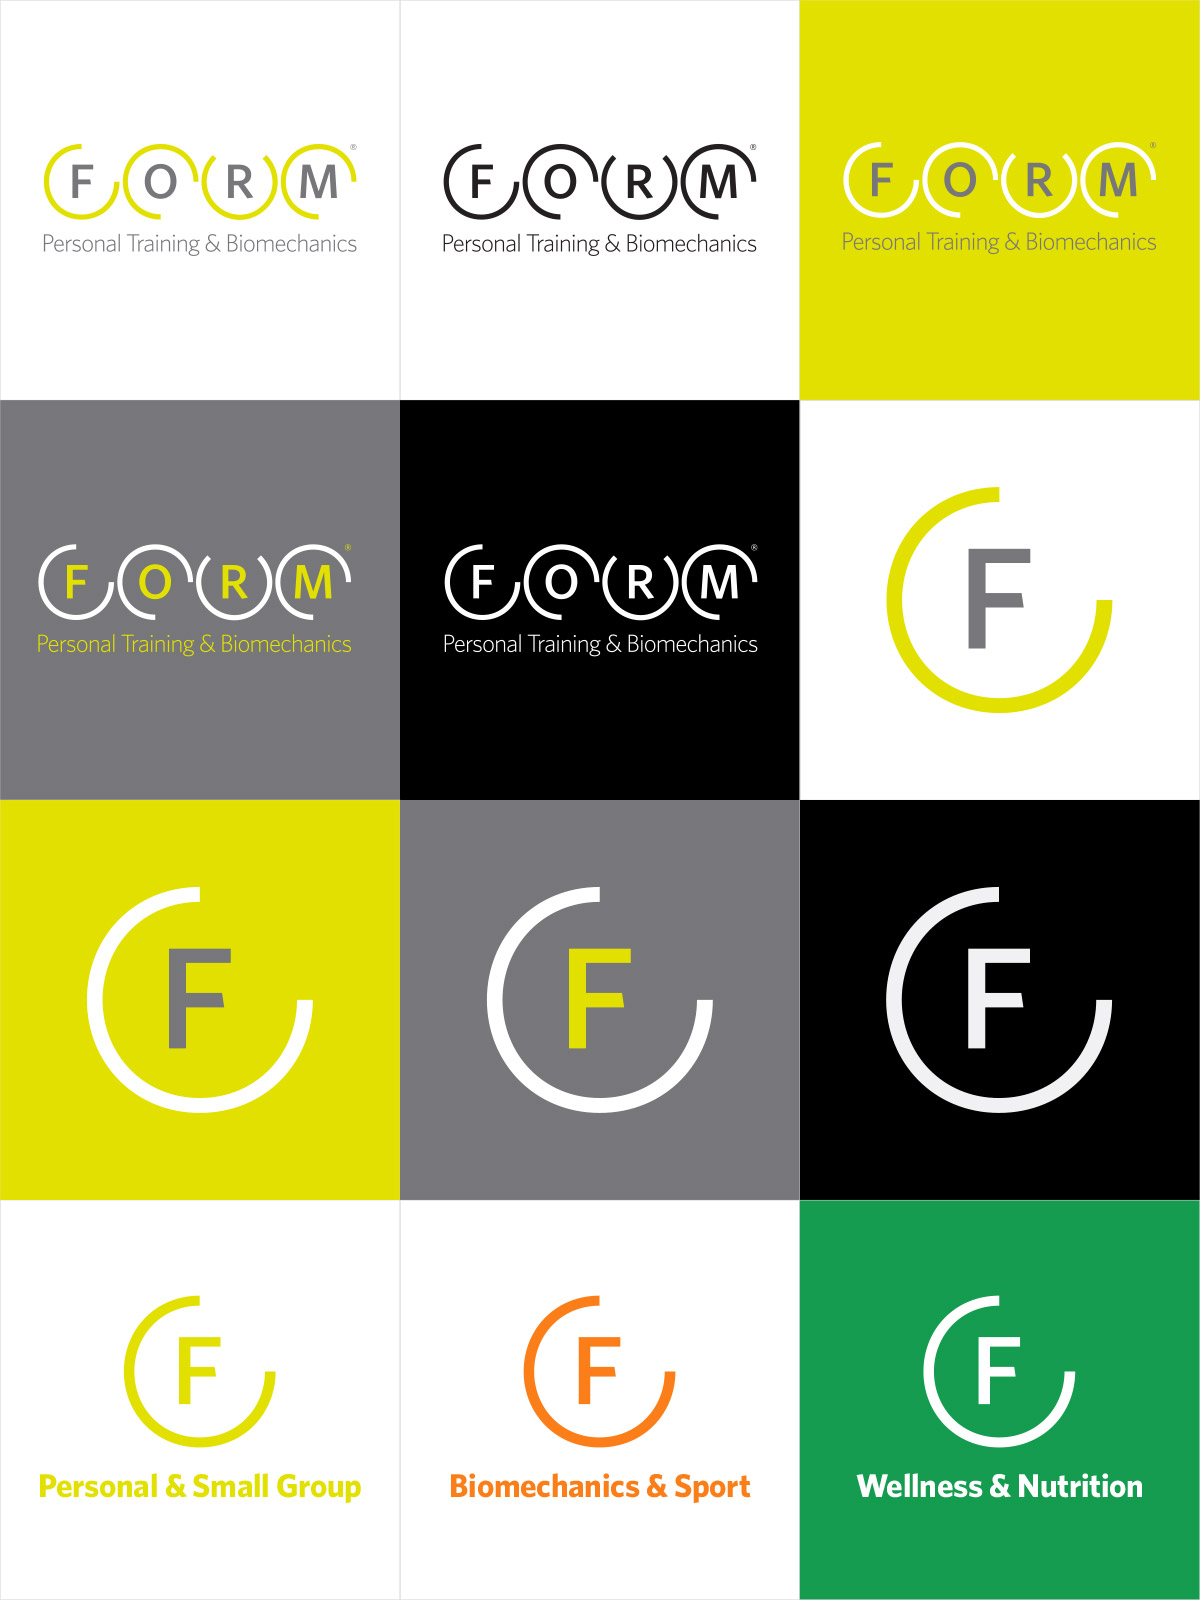 FORM Branding